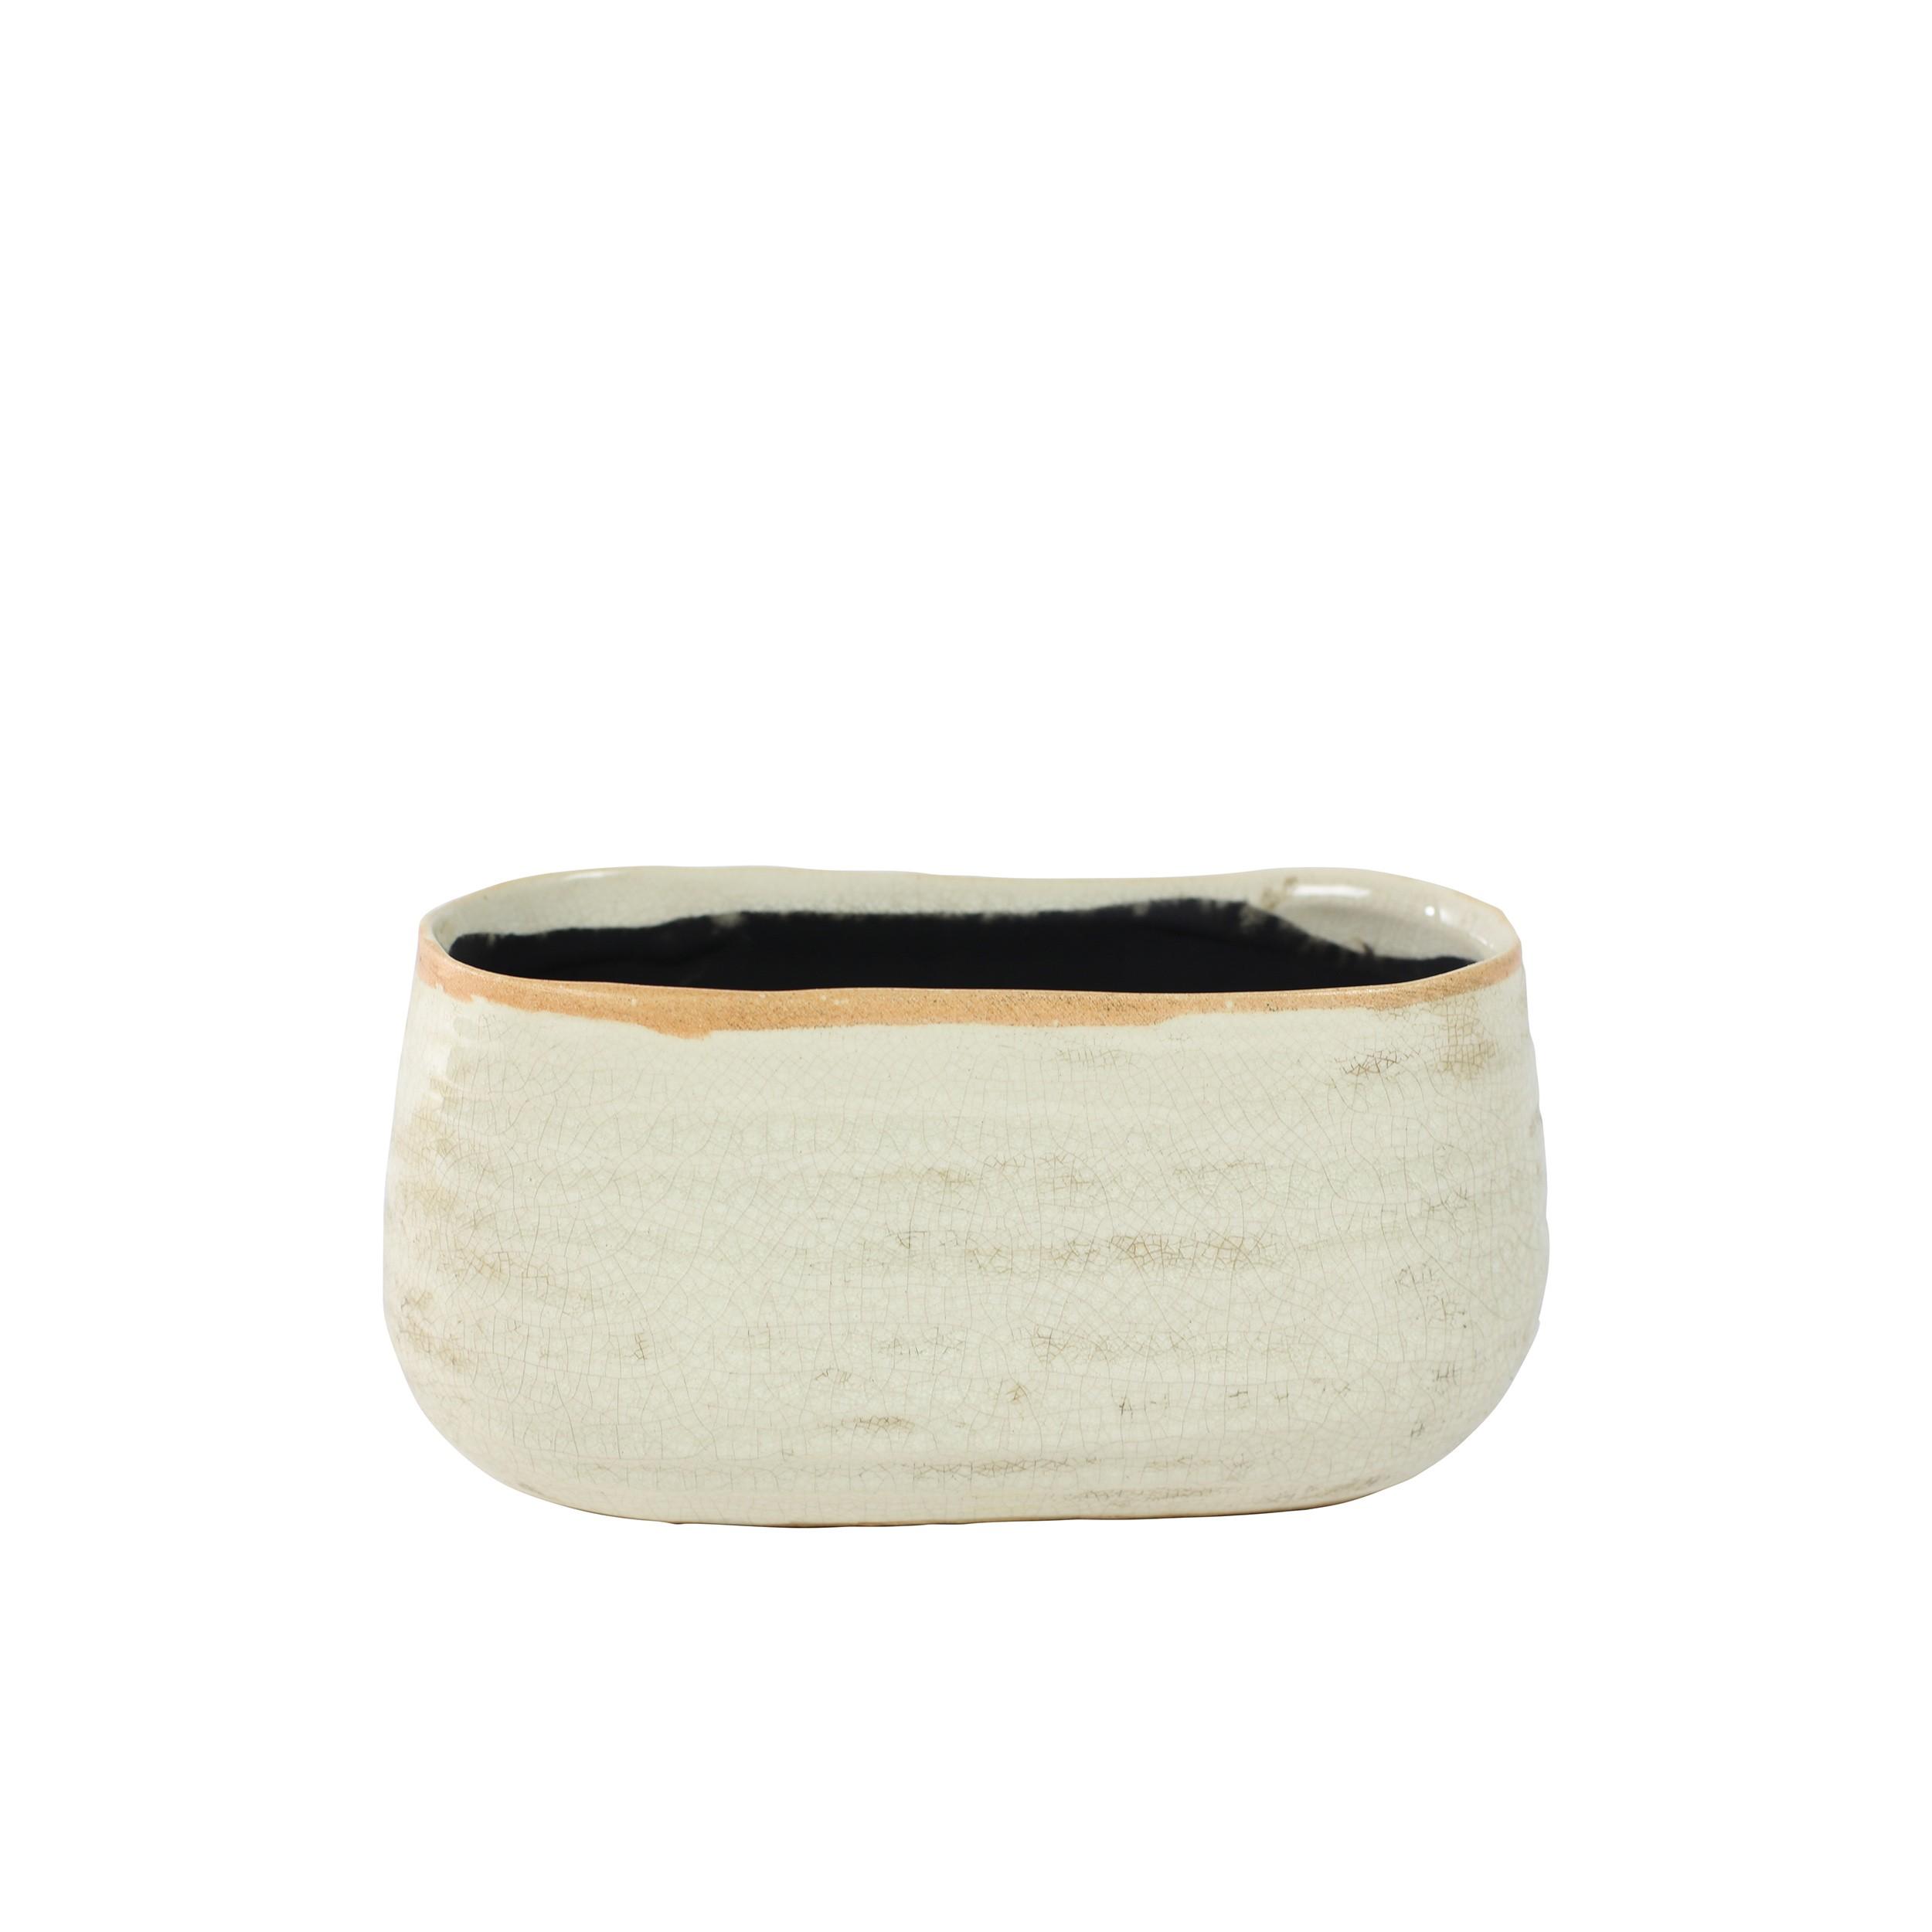 Keramik blumentopf iris l14cm for Blumentopf keramik